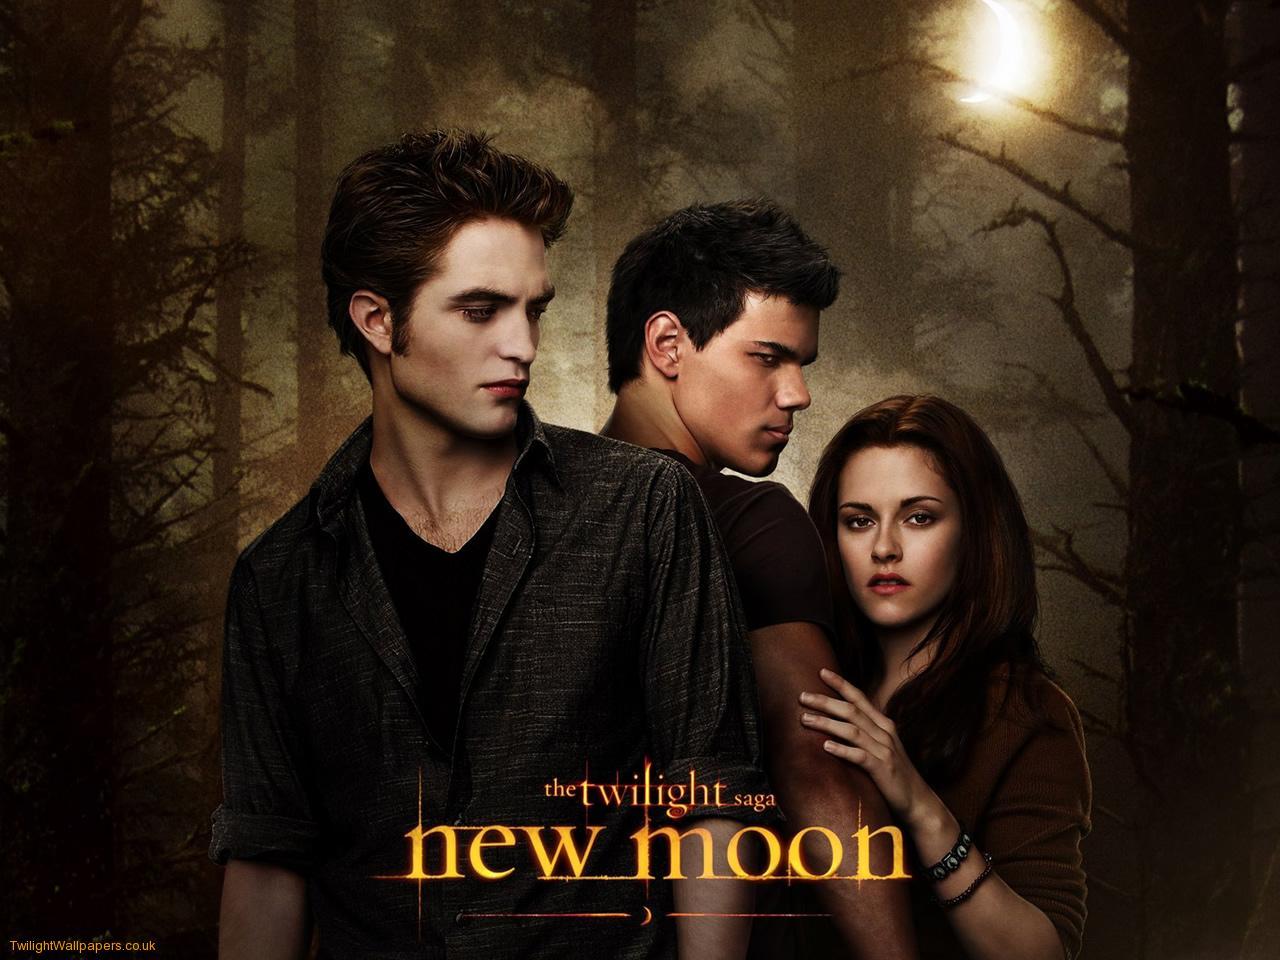 http://3.bp.blogspot.com/_Fr5jtSt05Hg/S82DBrll2PI/AAAAAAAAaMg/MMpYJkjcnJo/s1600/New-Moon-Movie.jpeg